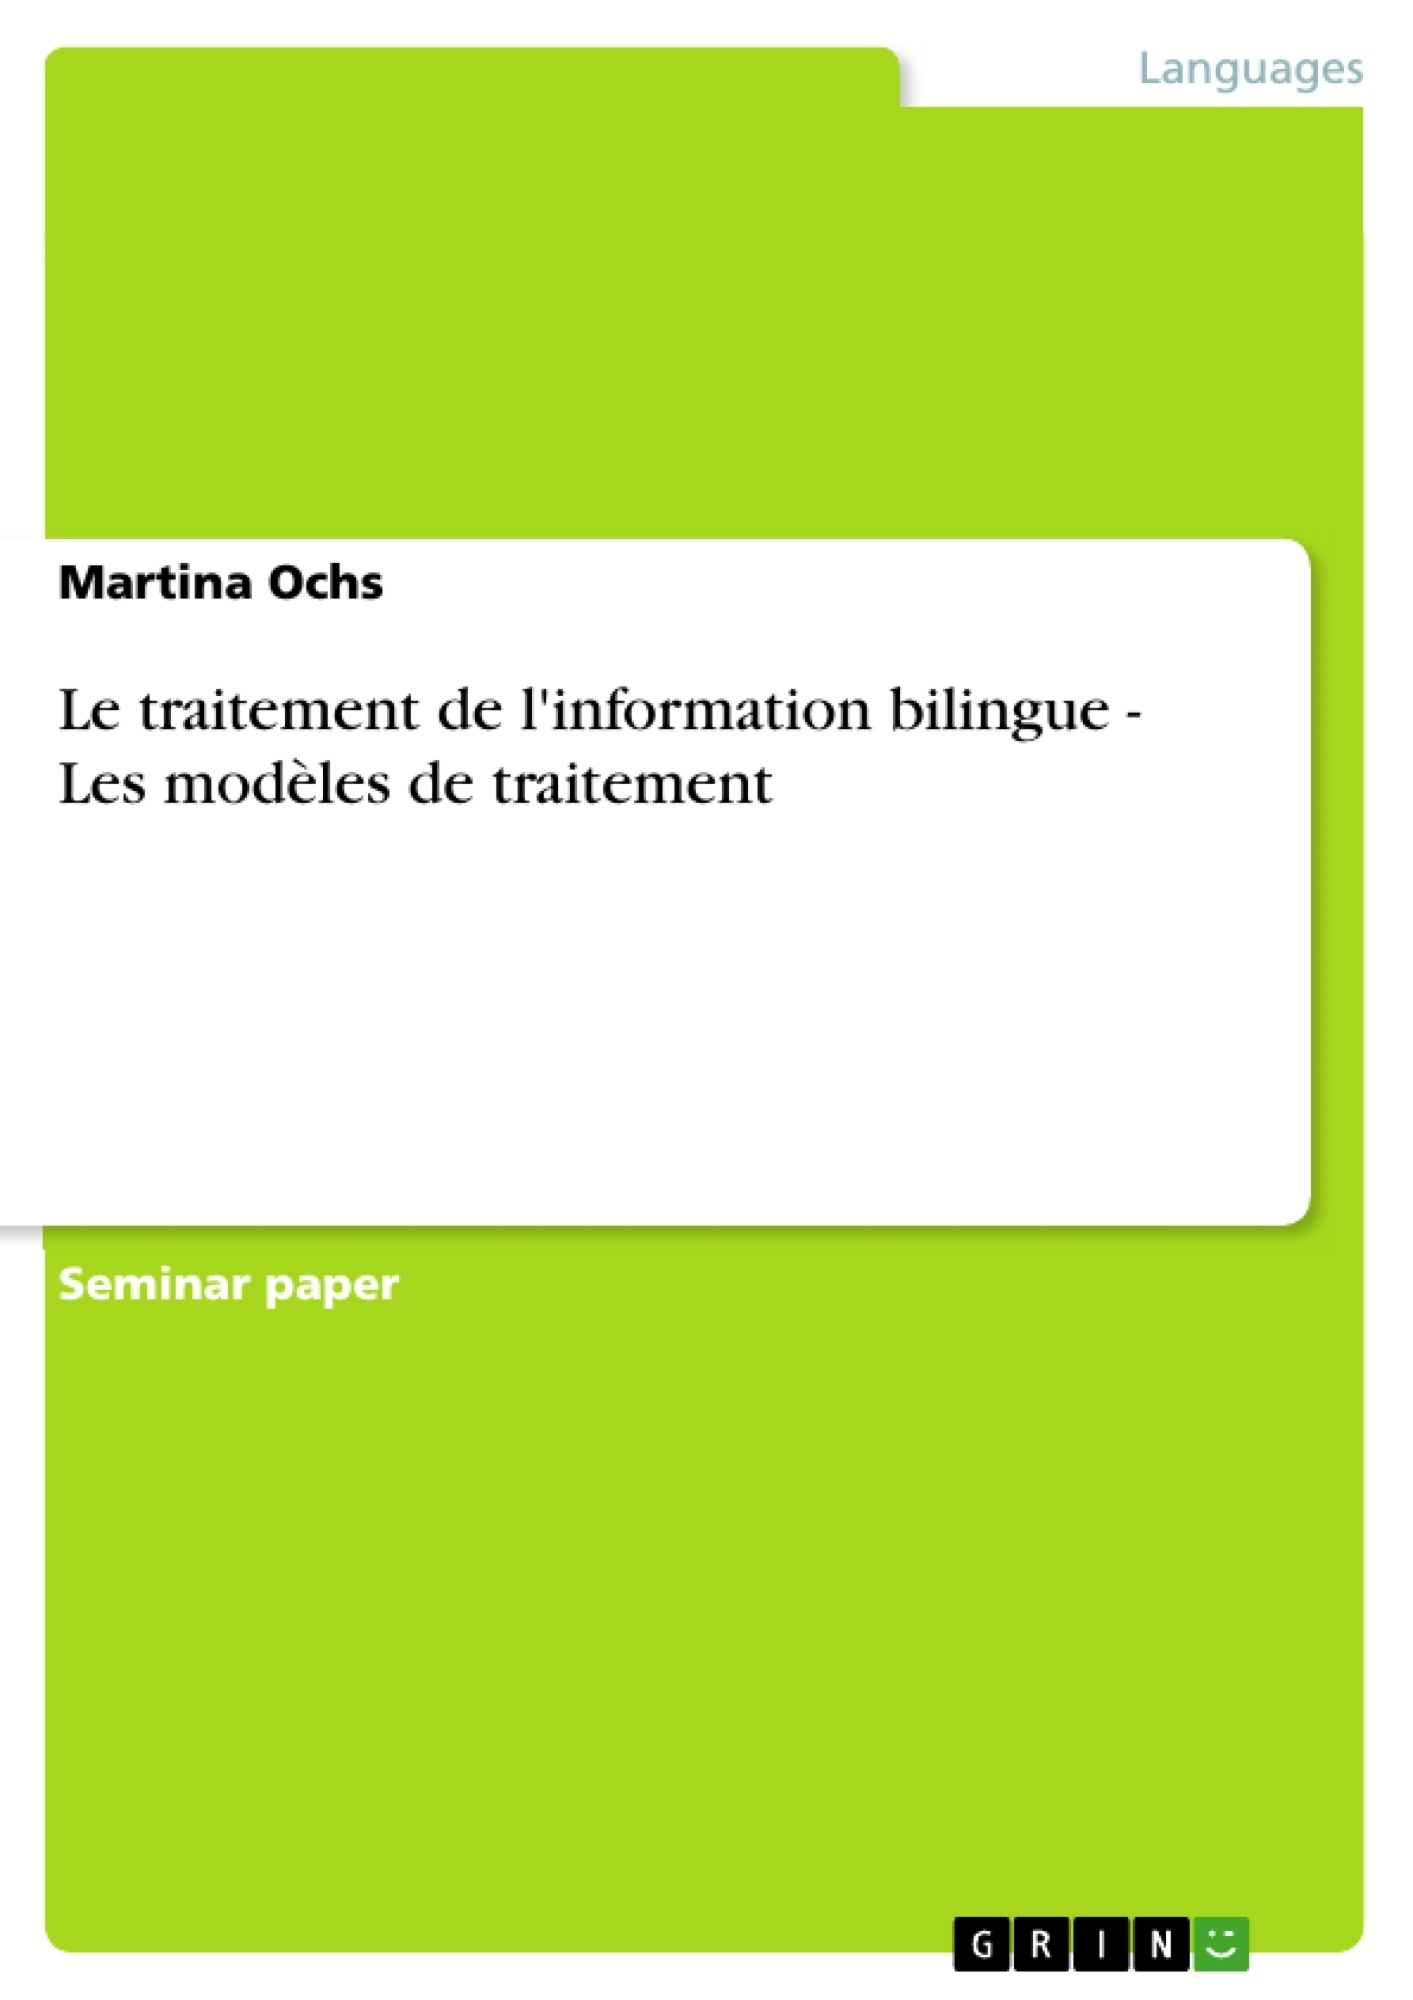 Titre: Le traitement de l'information bilingue - Les modèles de traitement